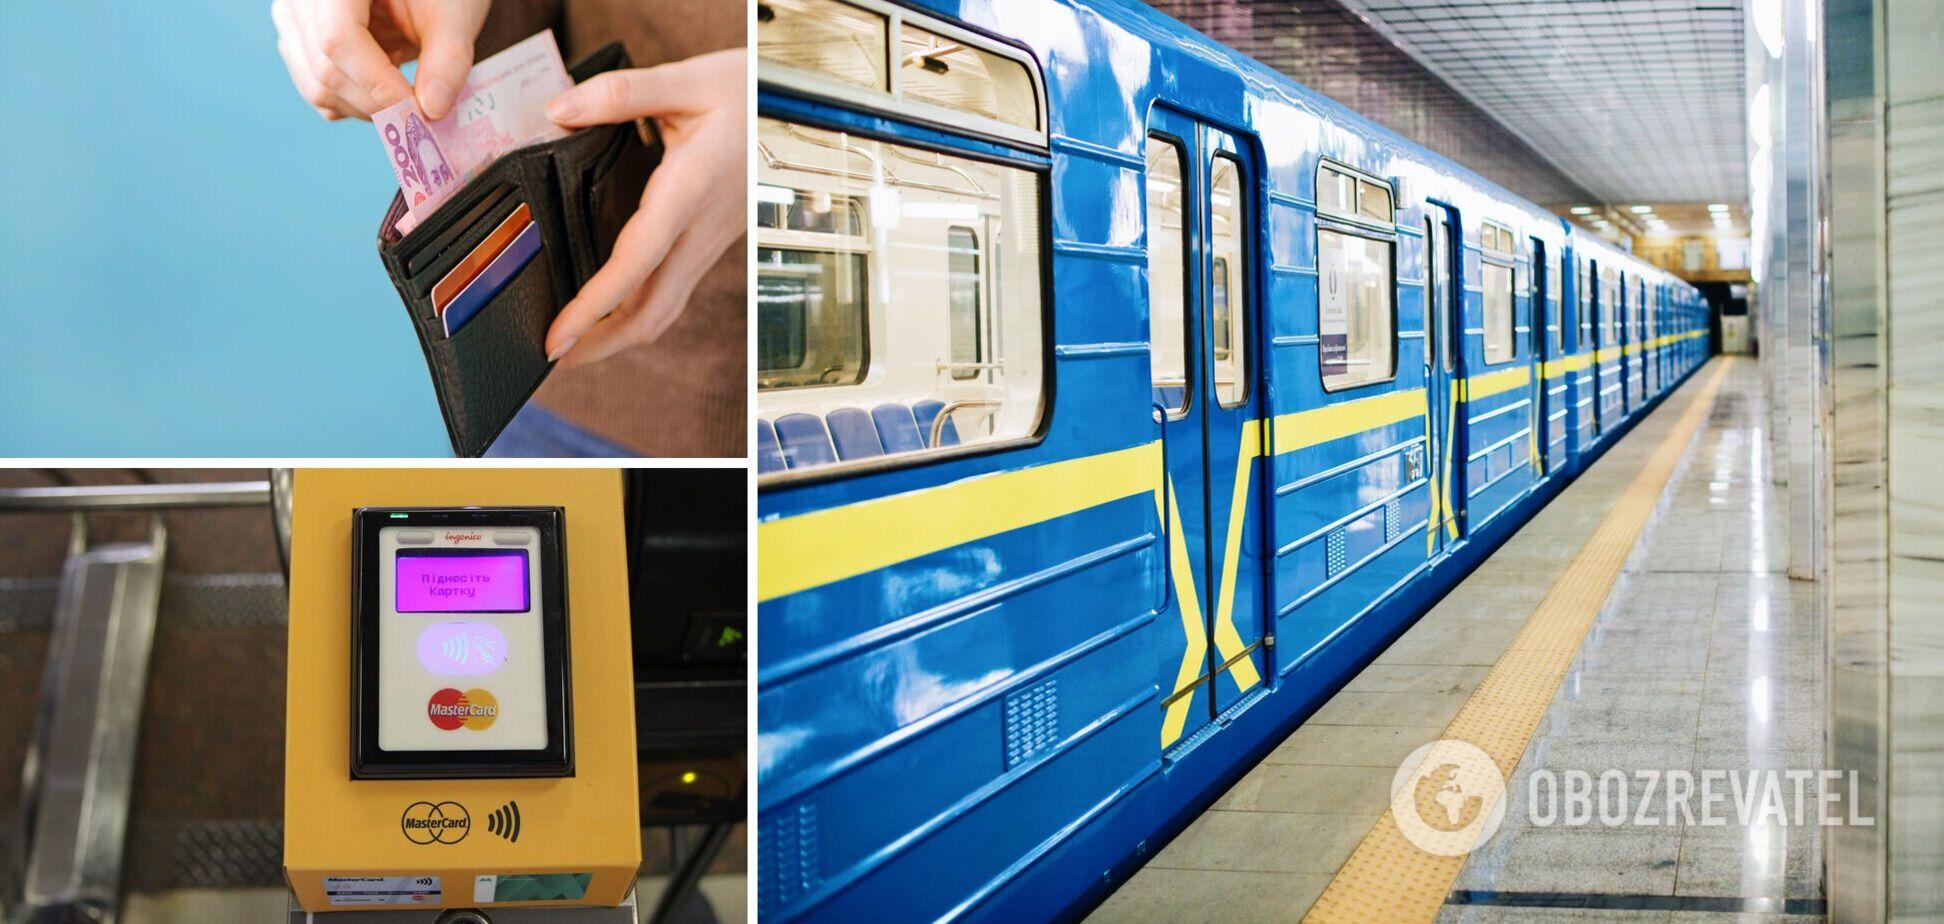 В метро Киева появилась проблема при оплате проезда банковской картой